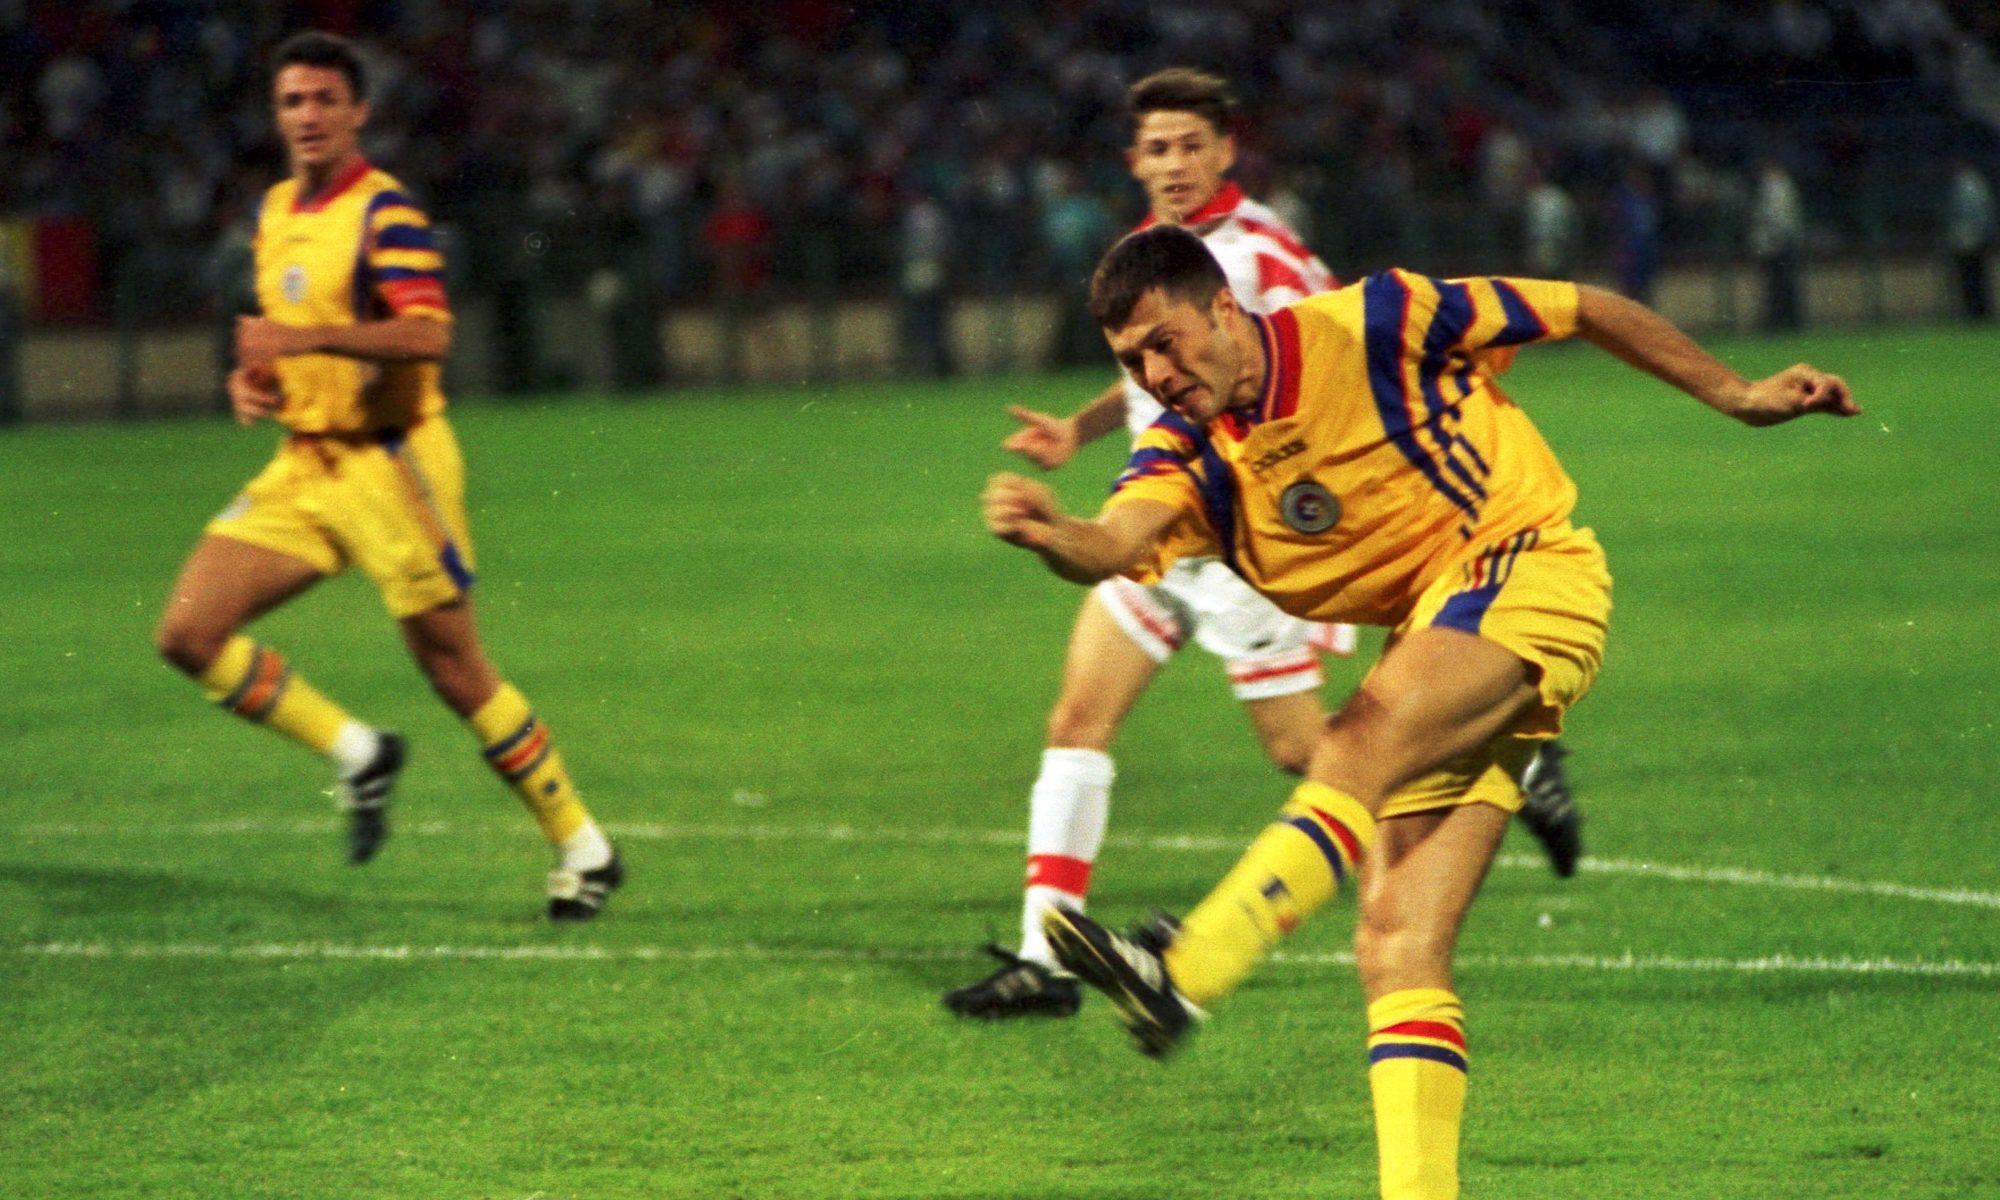 Fotbaliști români care s-au retras mult prea devreme. Sursă foto: sportpictures.eu